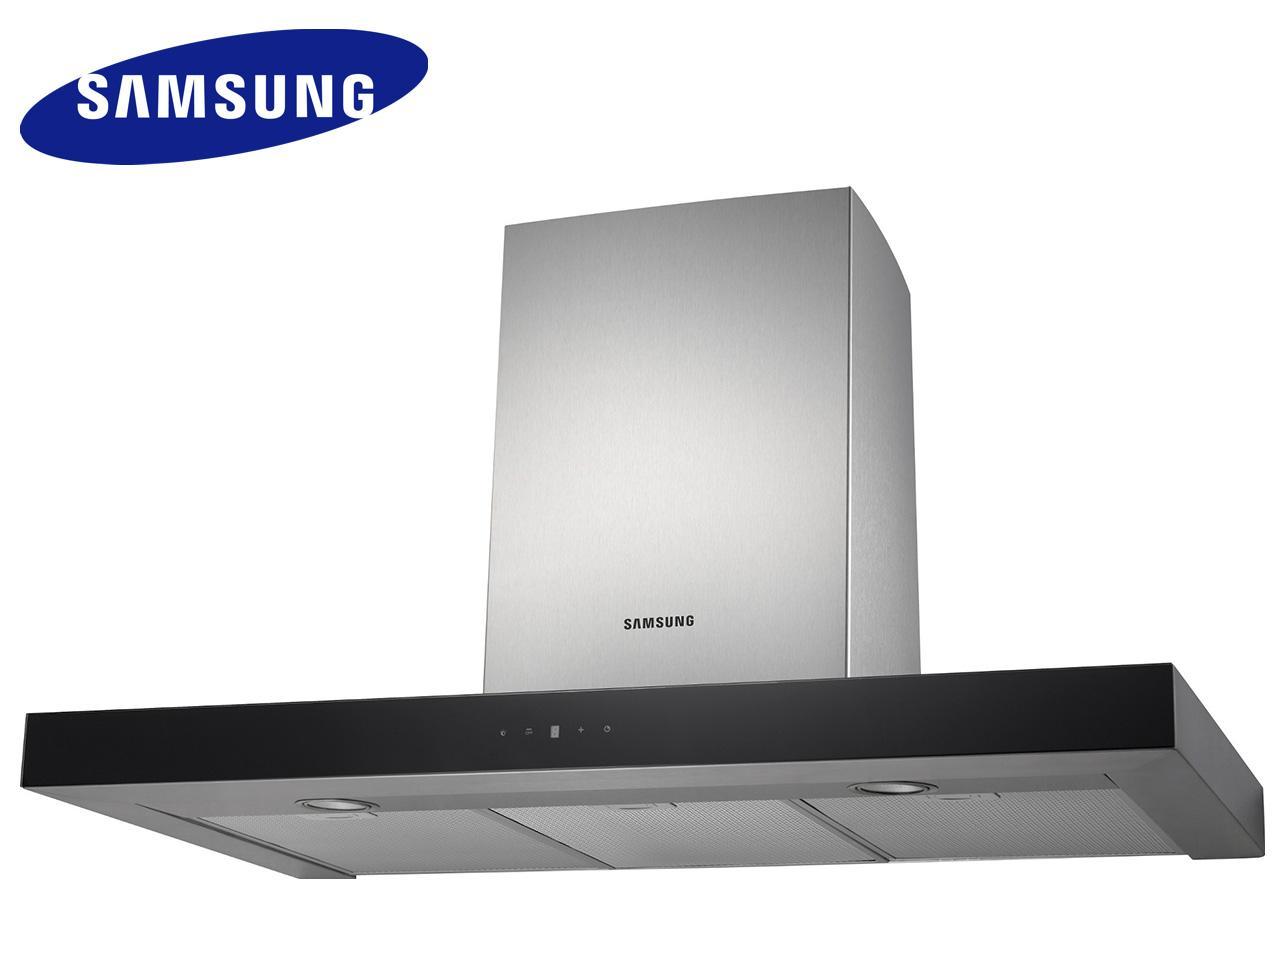 SAMSUNG HDC9A90UX, šíře 90 cm + 200 Kč na dárky nebo další nákup | CHAT on-line podpora PO-PÁ 8-22.00!!